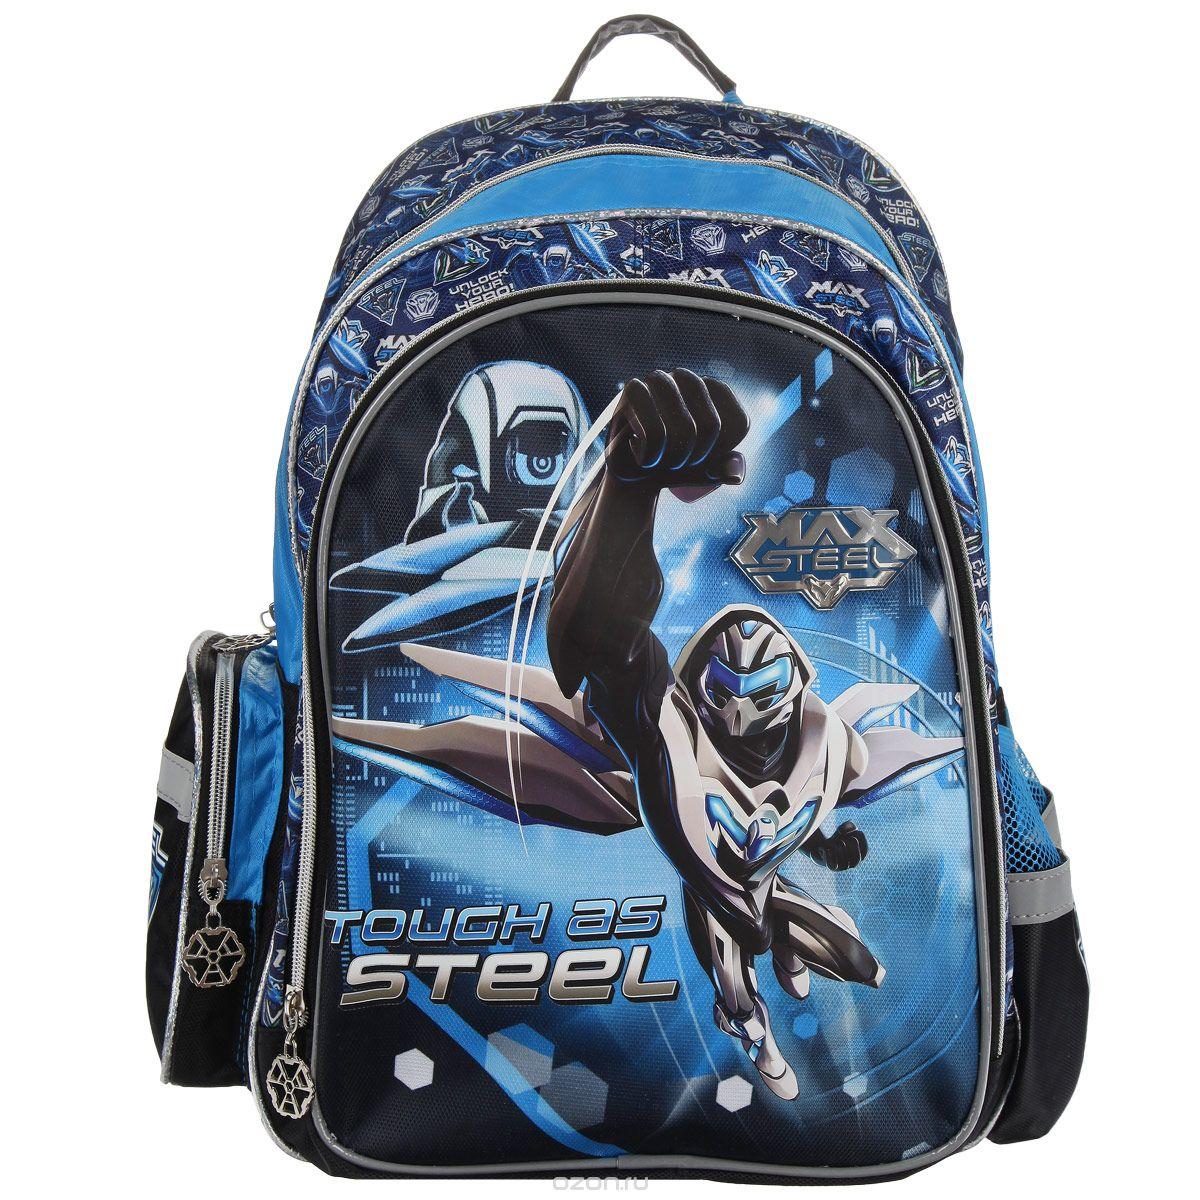 Рюкзак подростковый Centrum Max Steel, цвет: синий, черный, голубой85568Оригинальный подростковый рюкзак Centrum Max Steel станет незаменимым помощником вашему ребенку, а яркий дизайн доставит много удовольствия.Рюкзак имеет круглую форму и дополнен металлической эмблемой Max Steel. Он выполнен из плотного полиэстера ярких цветов. Внутри состоит из одного вместительного отделения, разделенного подвижной перегородкой. Закрывается на металлическую застежку-молнию. На лицевой стороне рюкзак дополнен большим накладным карманом на змейке. По бокам изделия имеются два накладных кармашка, один из них открытый, другой закрывается на молнию. Рюкзак оснащен двумя регулируемыми лямками и удобной ручкой, выполненными из плотного полиэстера. Такой школьный рюкзак станет верным спутником вашего ребенка в походах за знаниями.